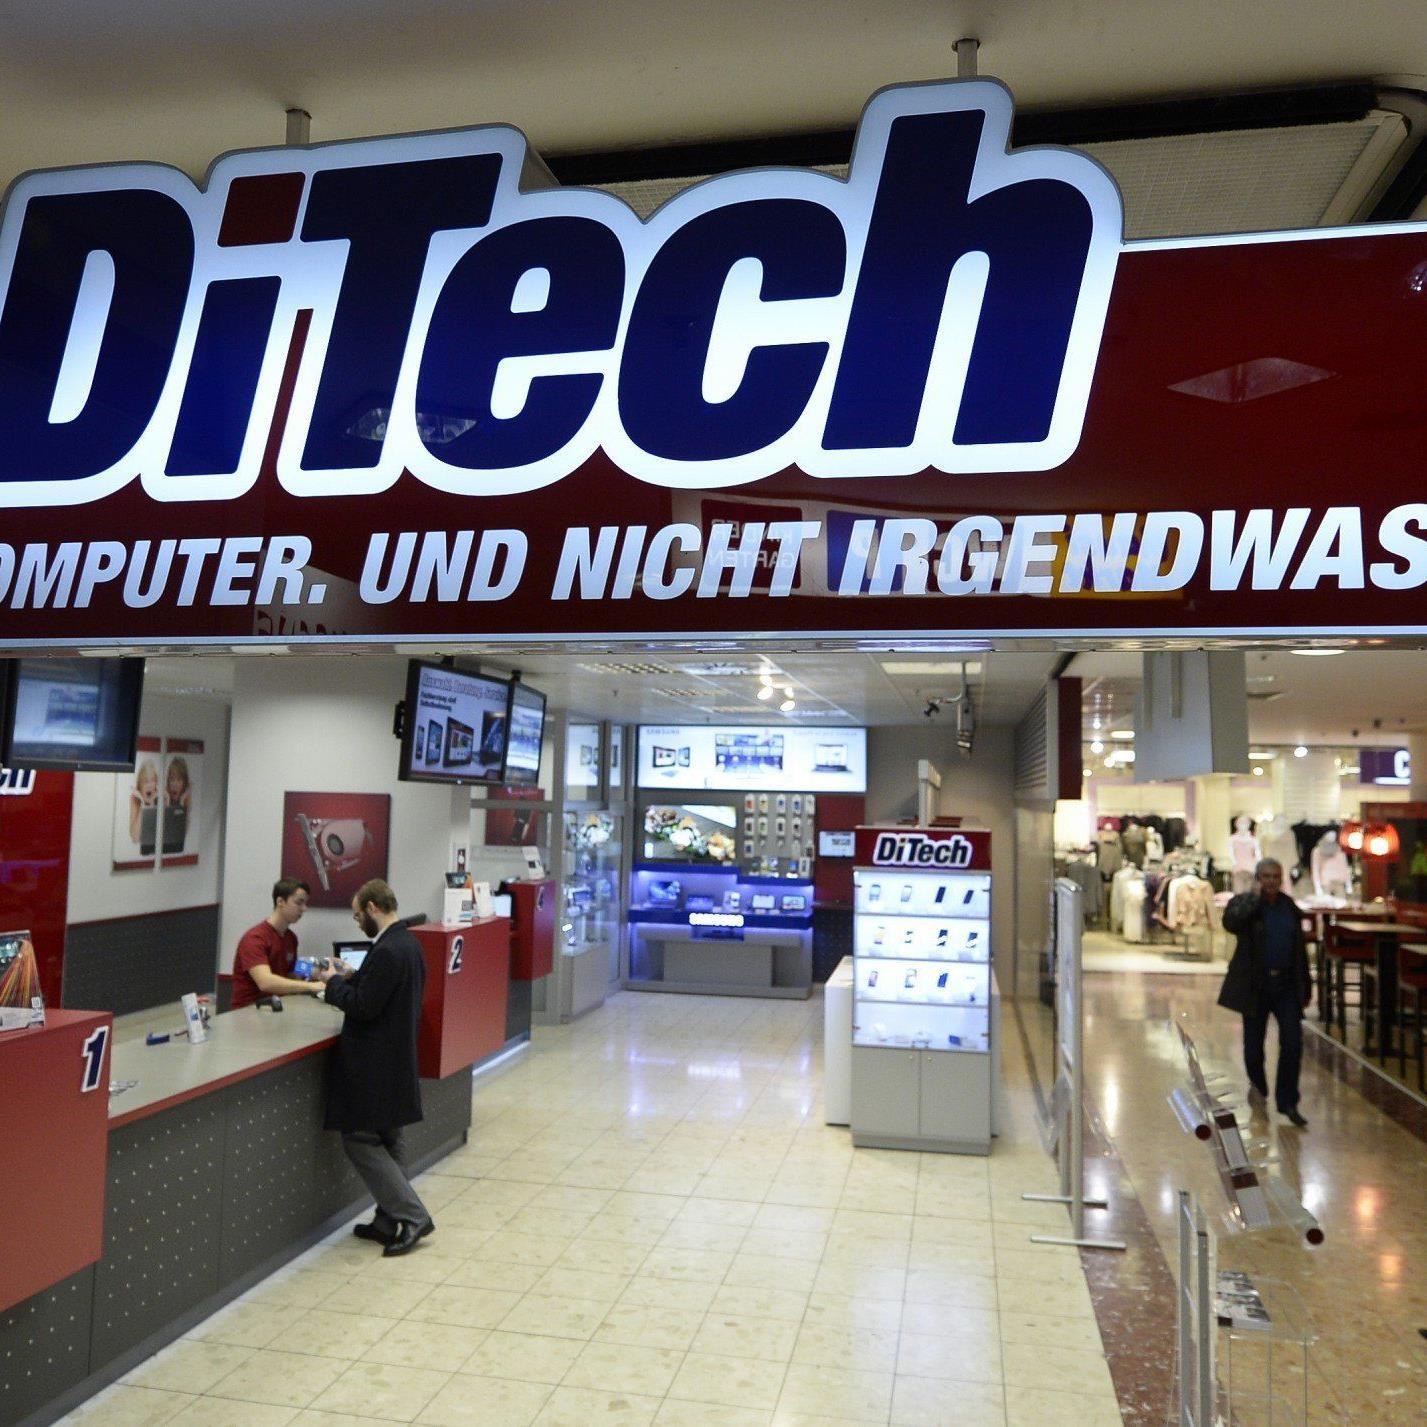 DiTech-Insolvenzanmeldung auf nächste Woche verschoben